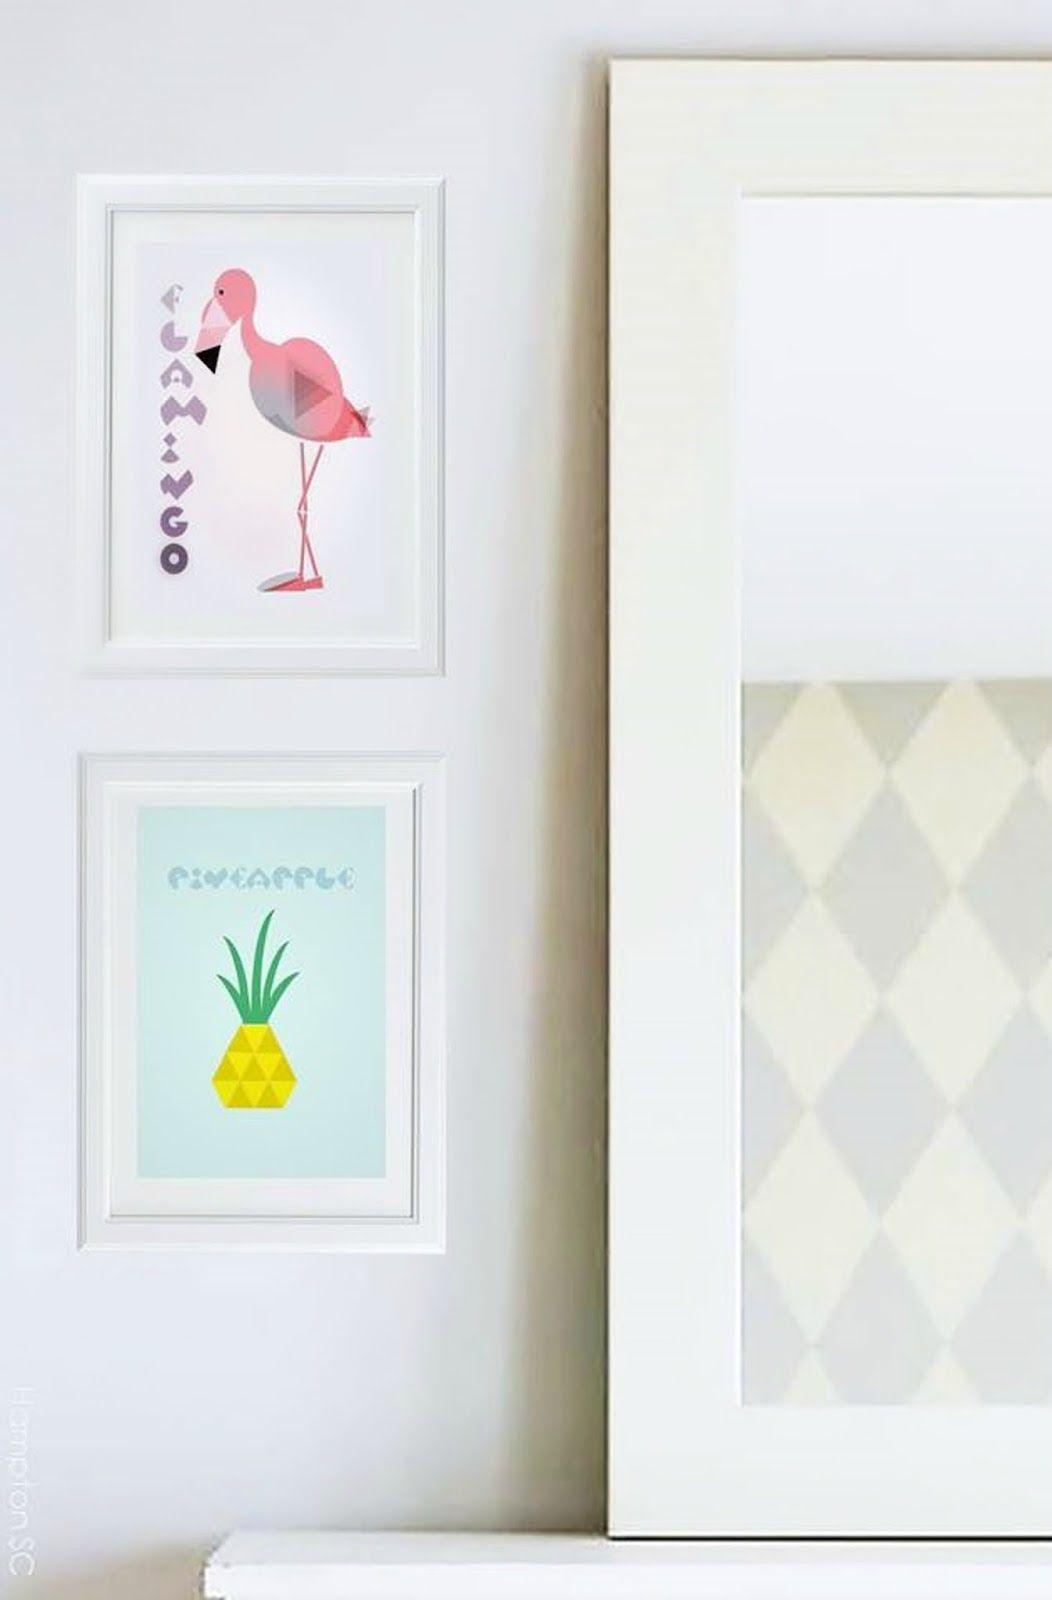 Láminas imprimibles descargables de estilo tropical